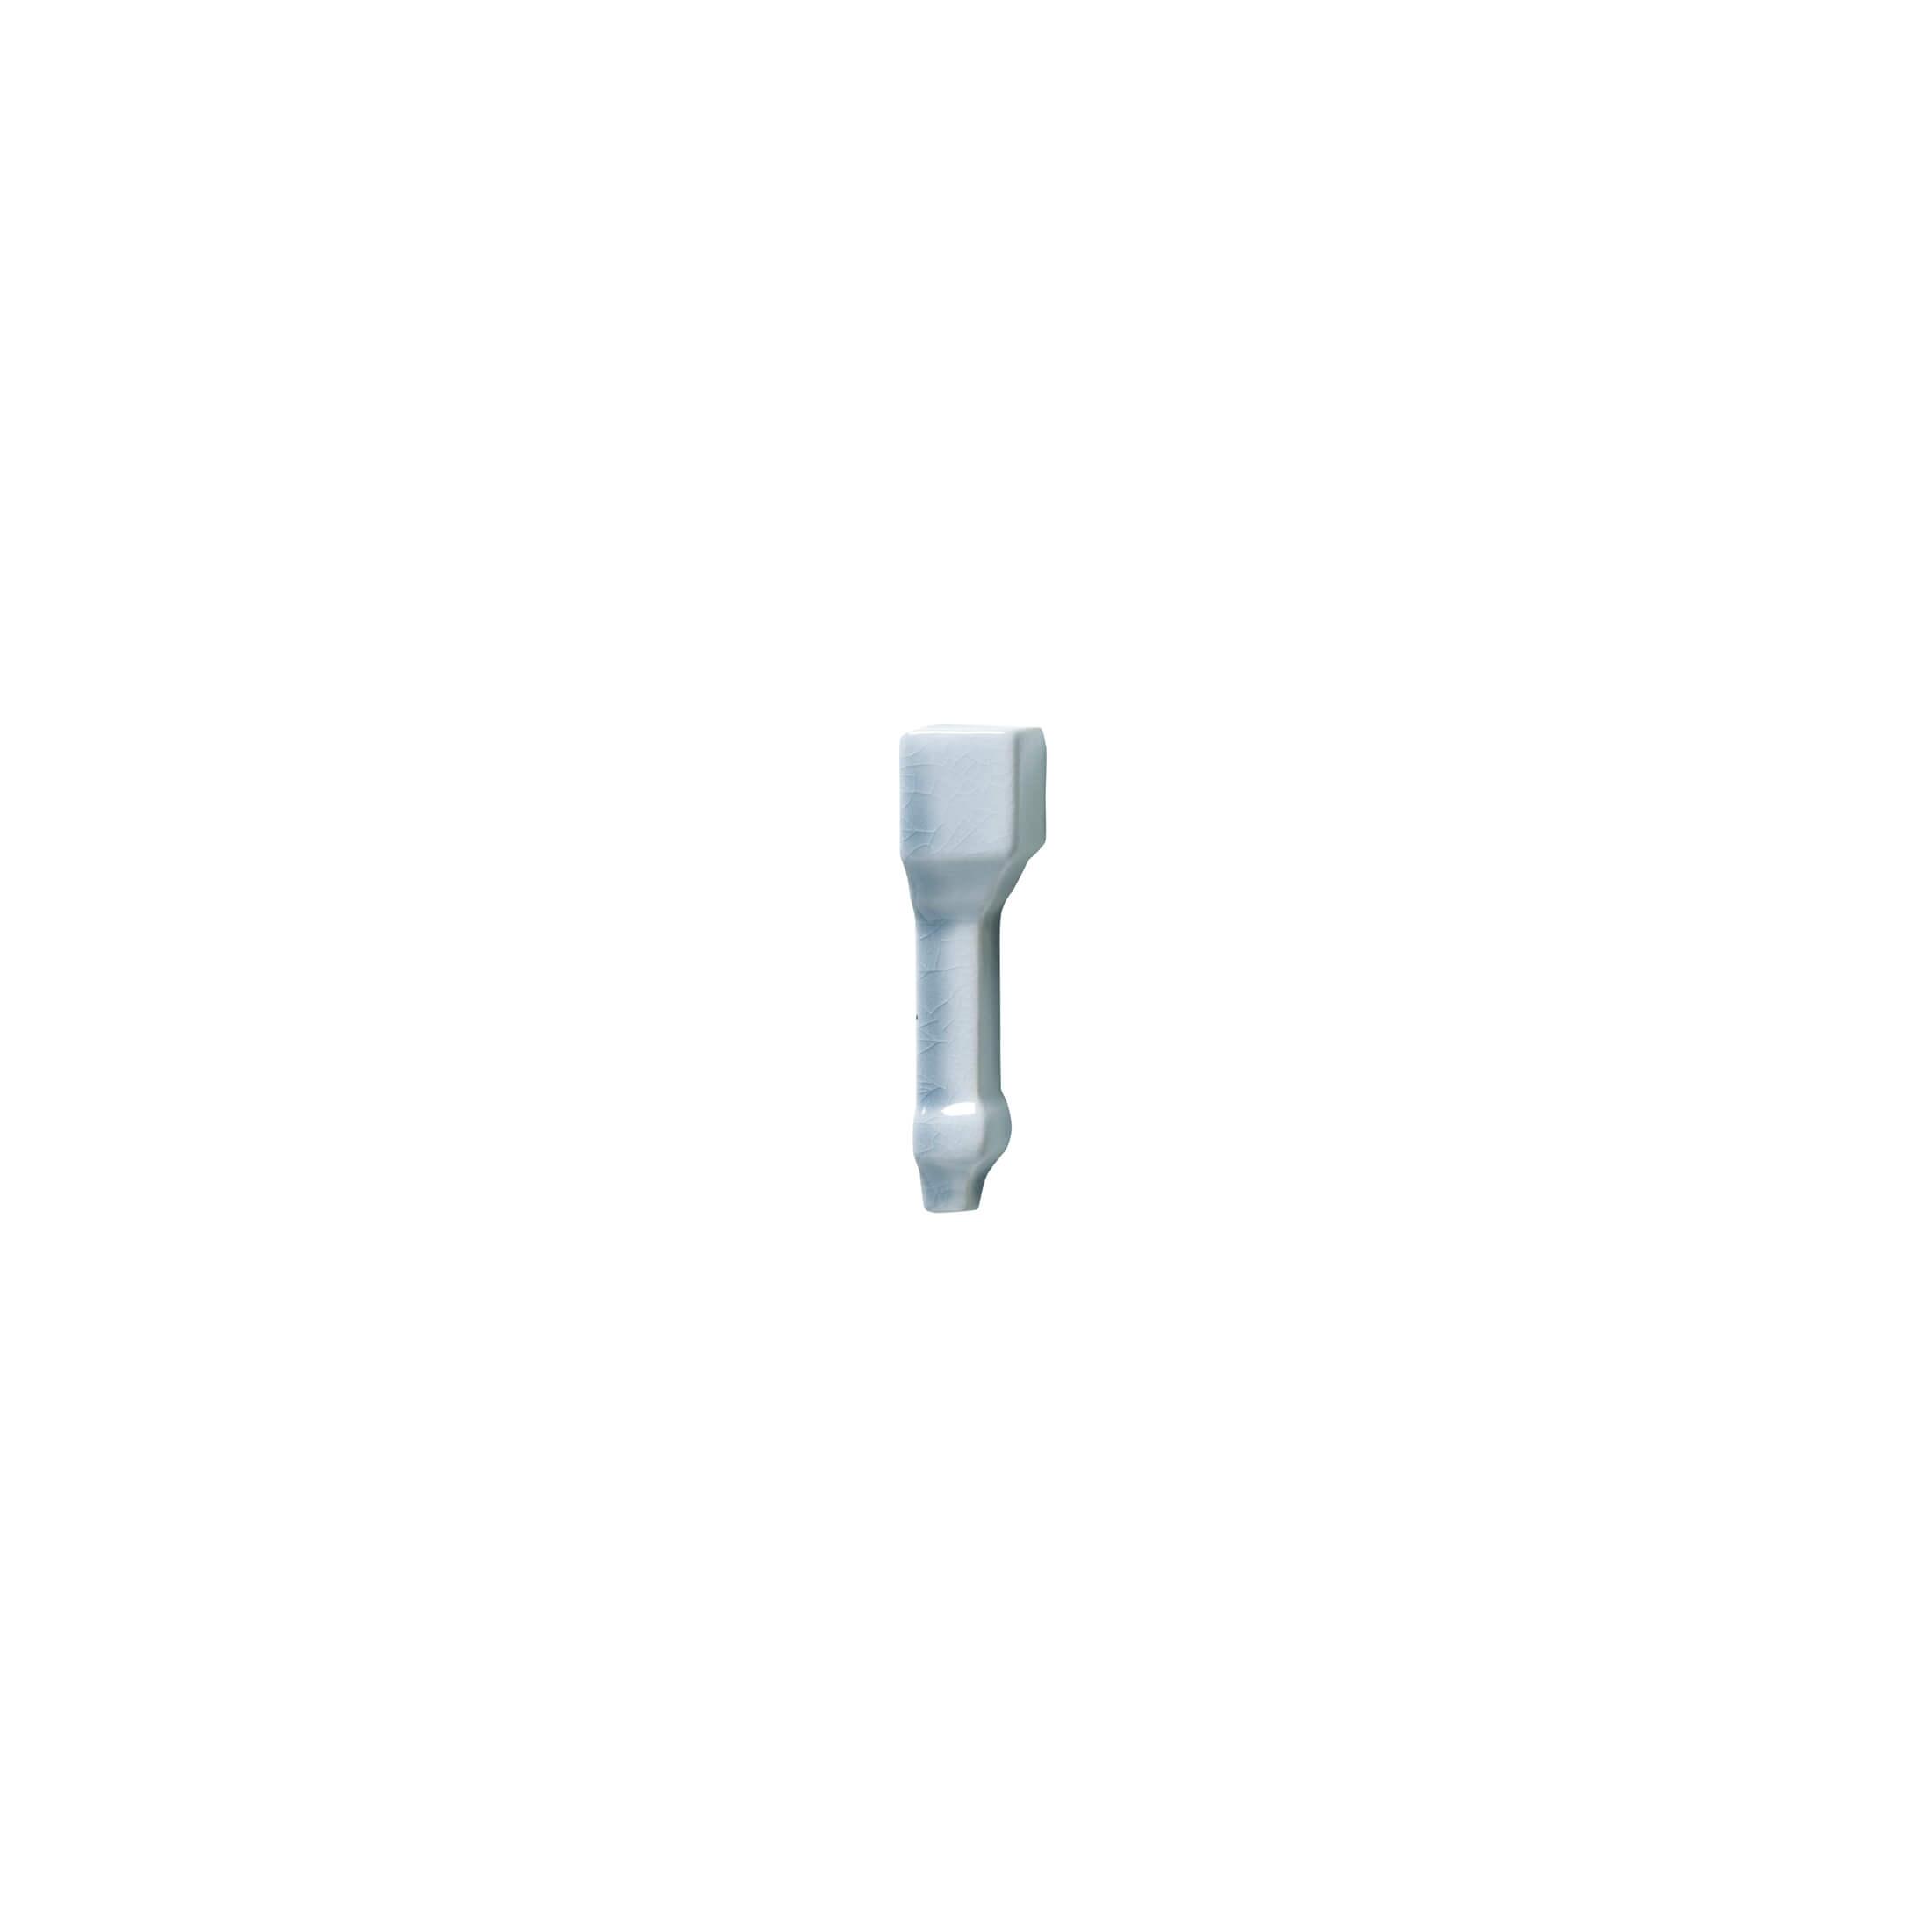 ADMO5442 - ANGULO EXT. CORNISA CLASICA C/C - 7.5 cm X 15 cm